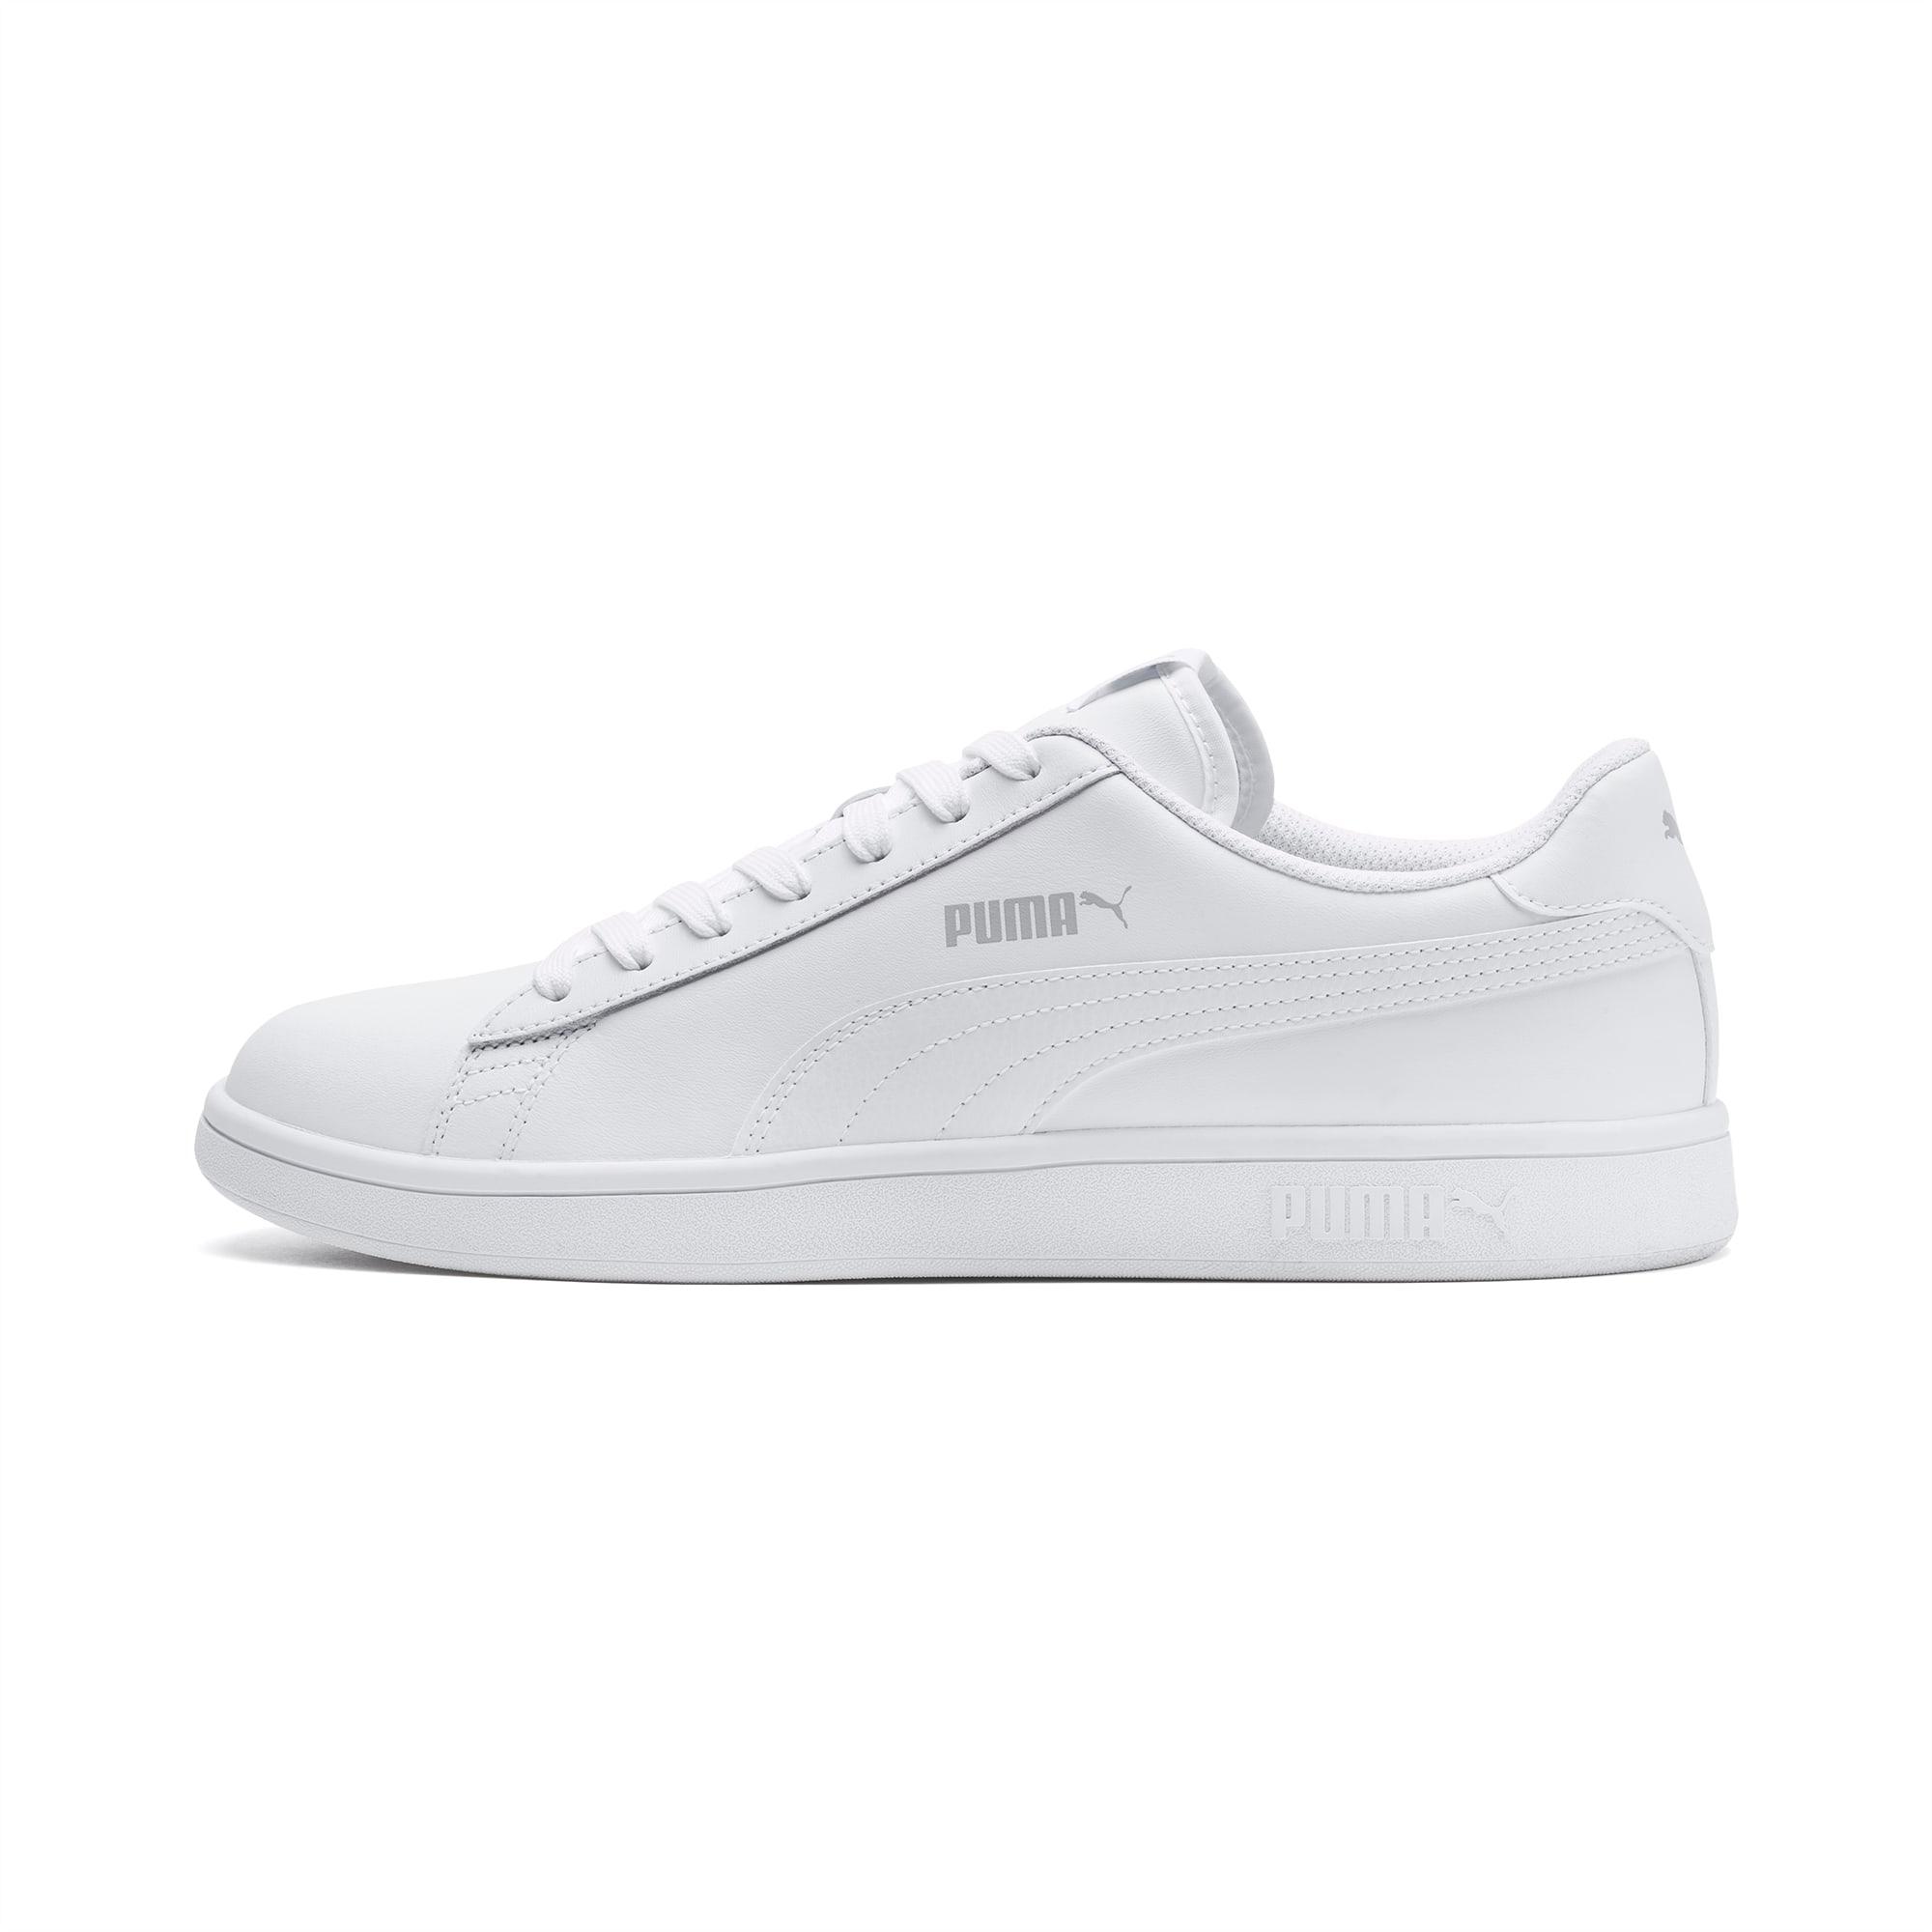 PUMA Chaussure Puma Smash v2 L, Blanc, Taille 37.5, Chaussures